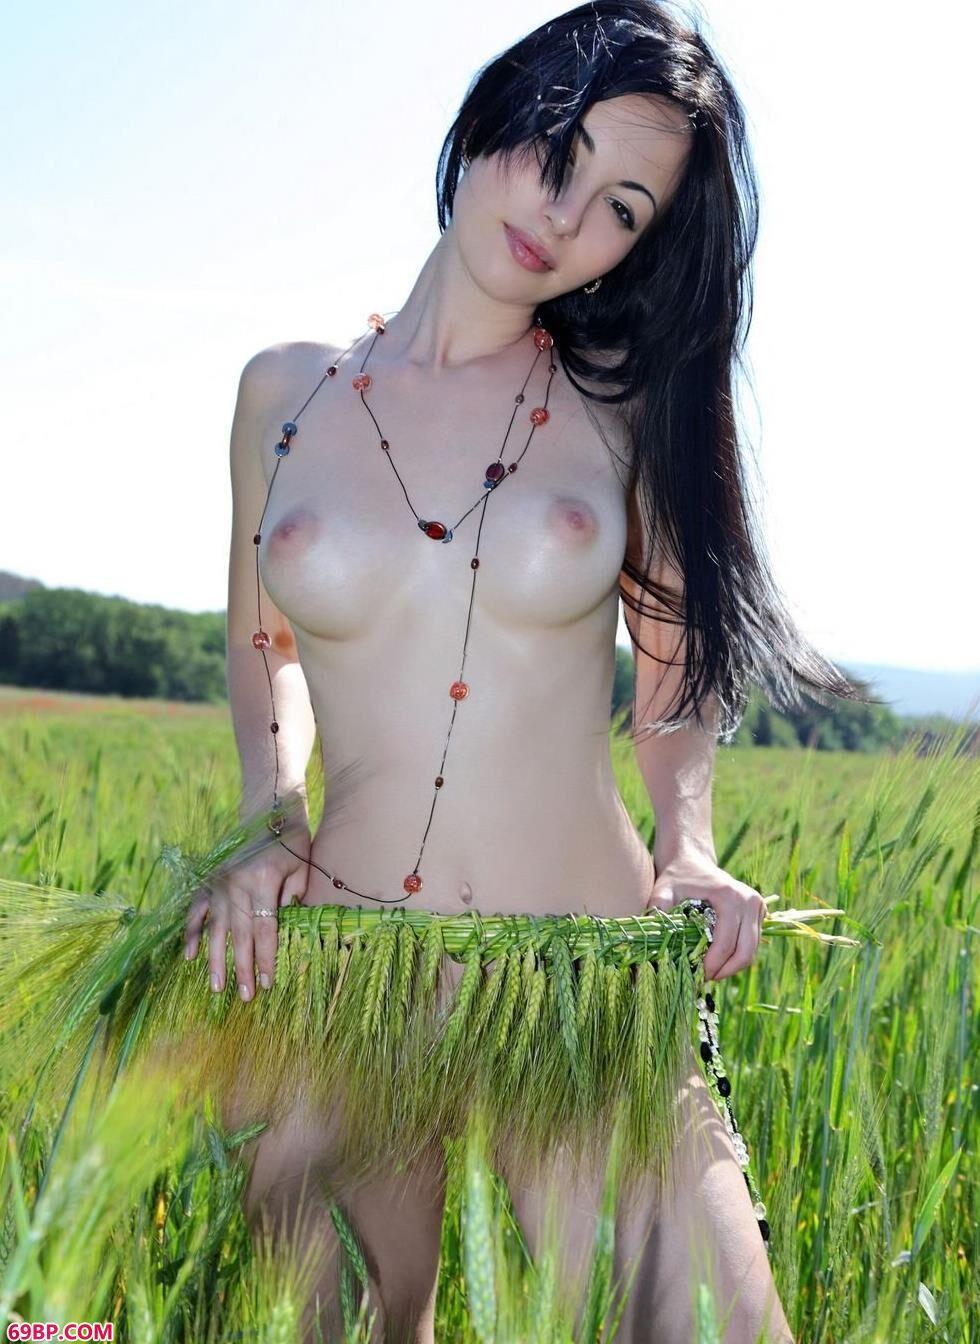 嫩模Melani稻田里的清纯人体_瑞莎写真